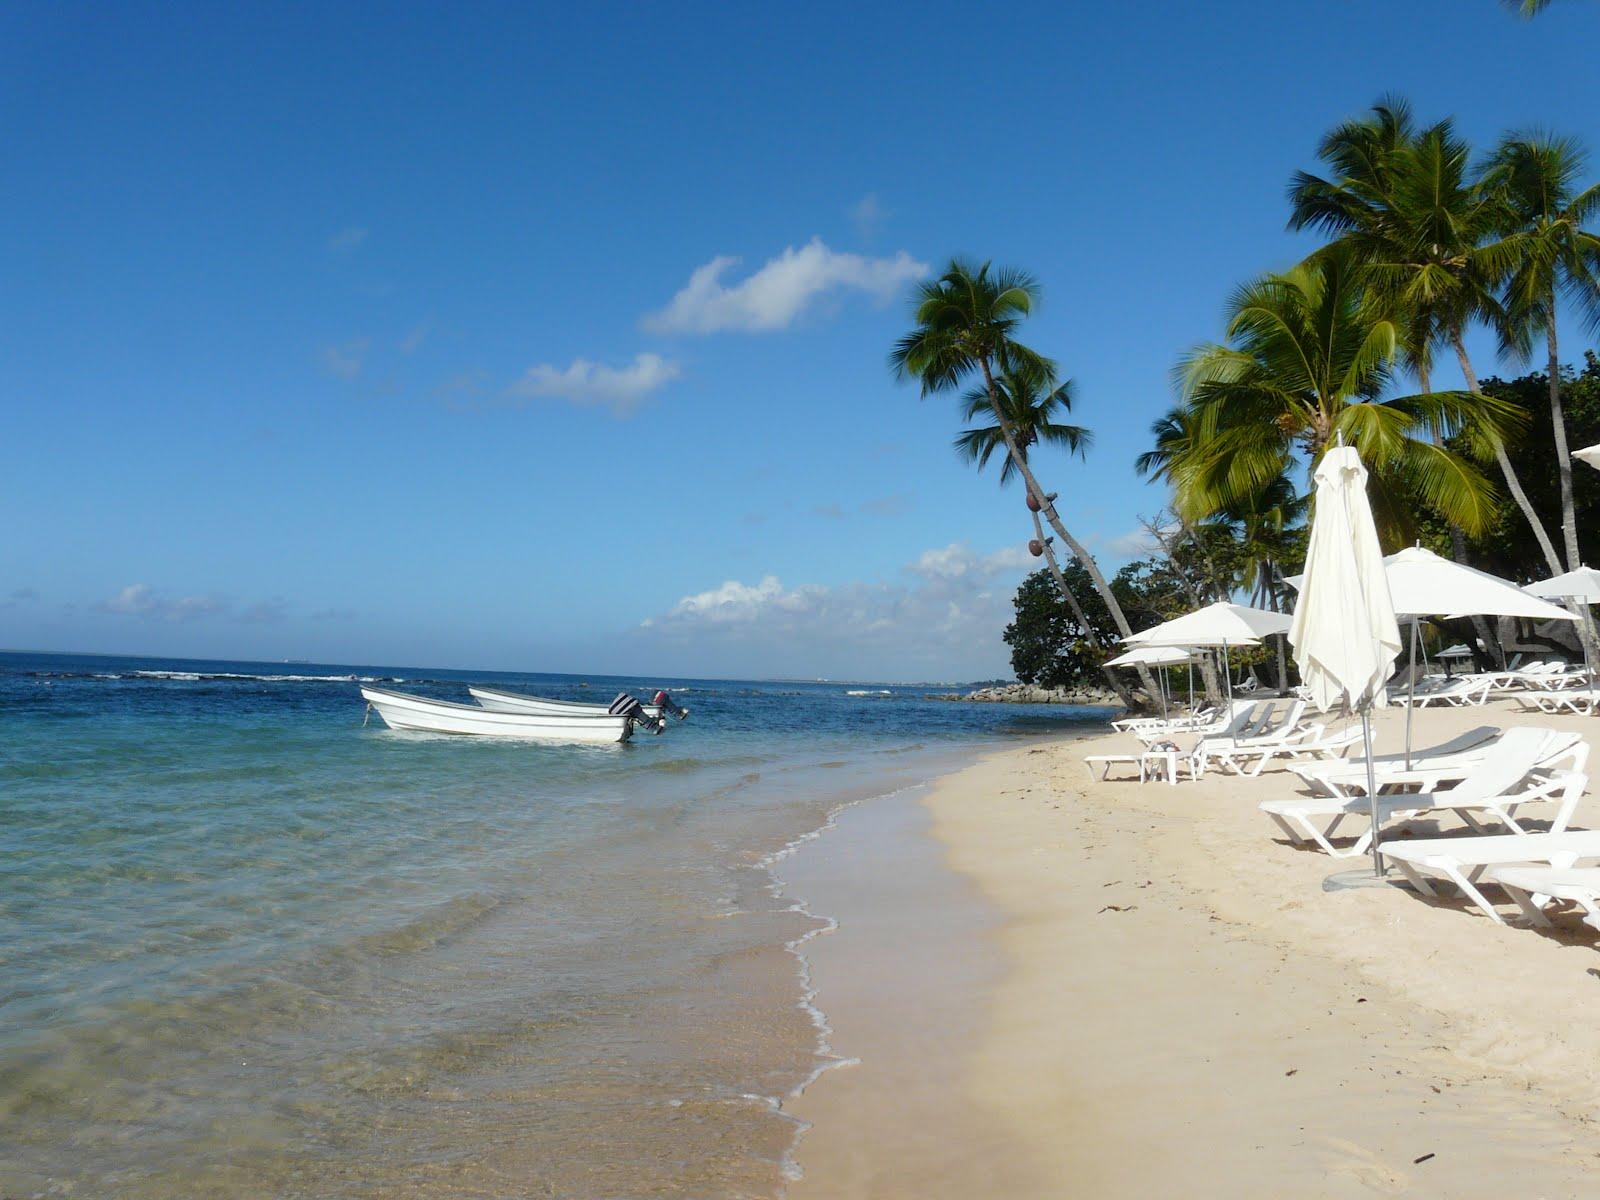 Impressive Beaches Dominican Republic Central America Las Minitas Beach With Boats